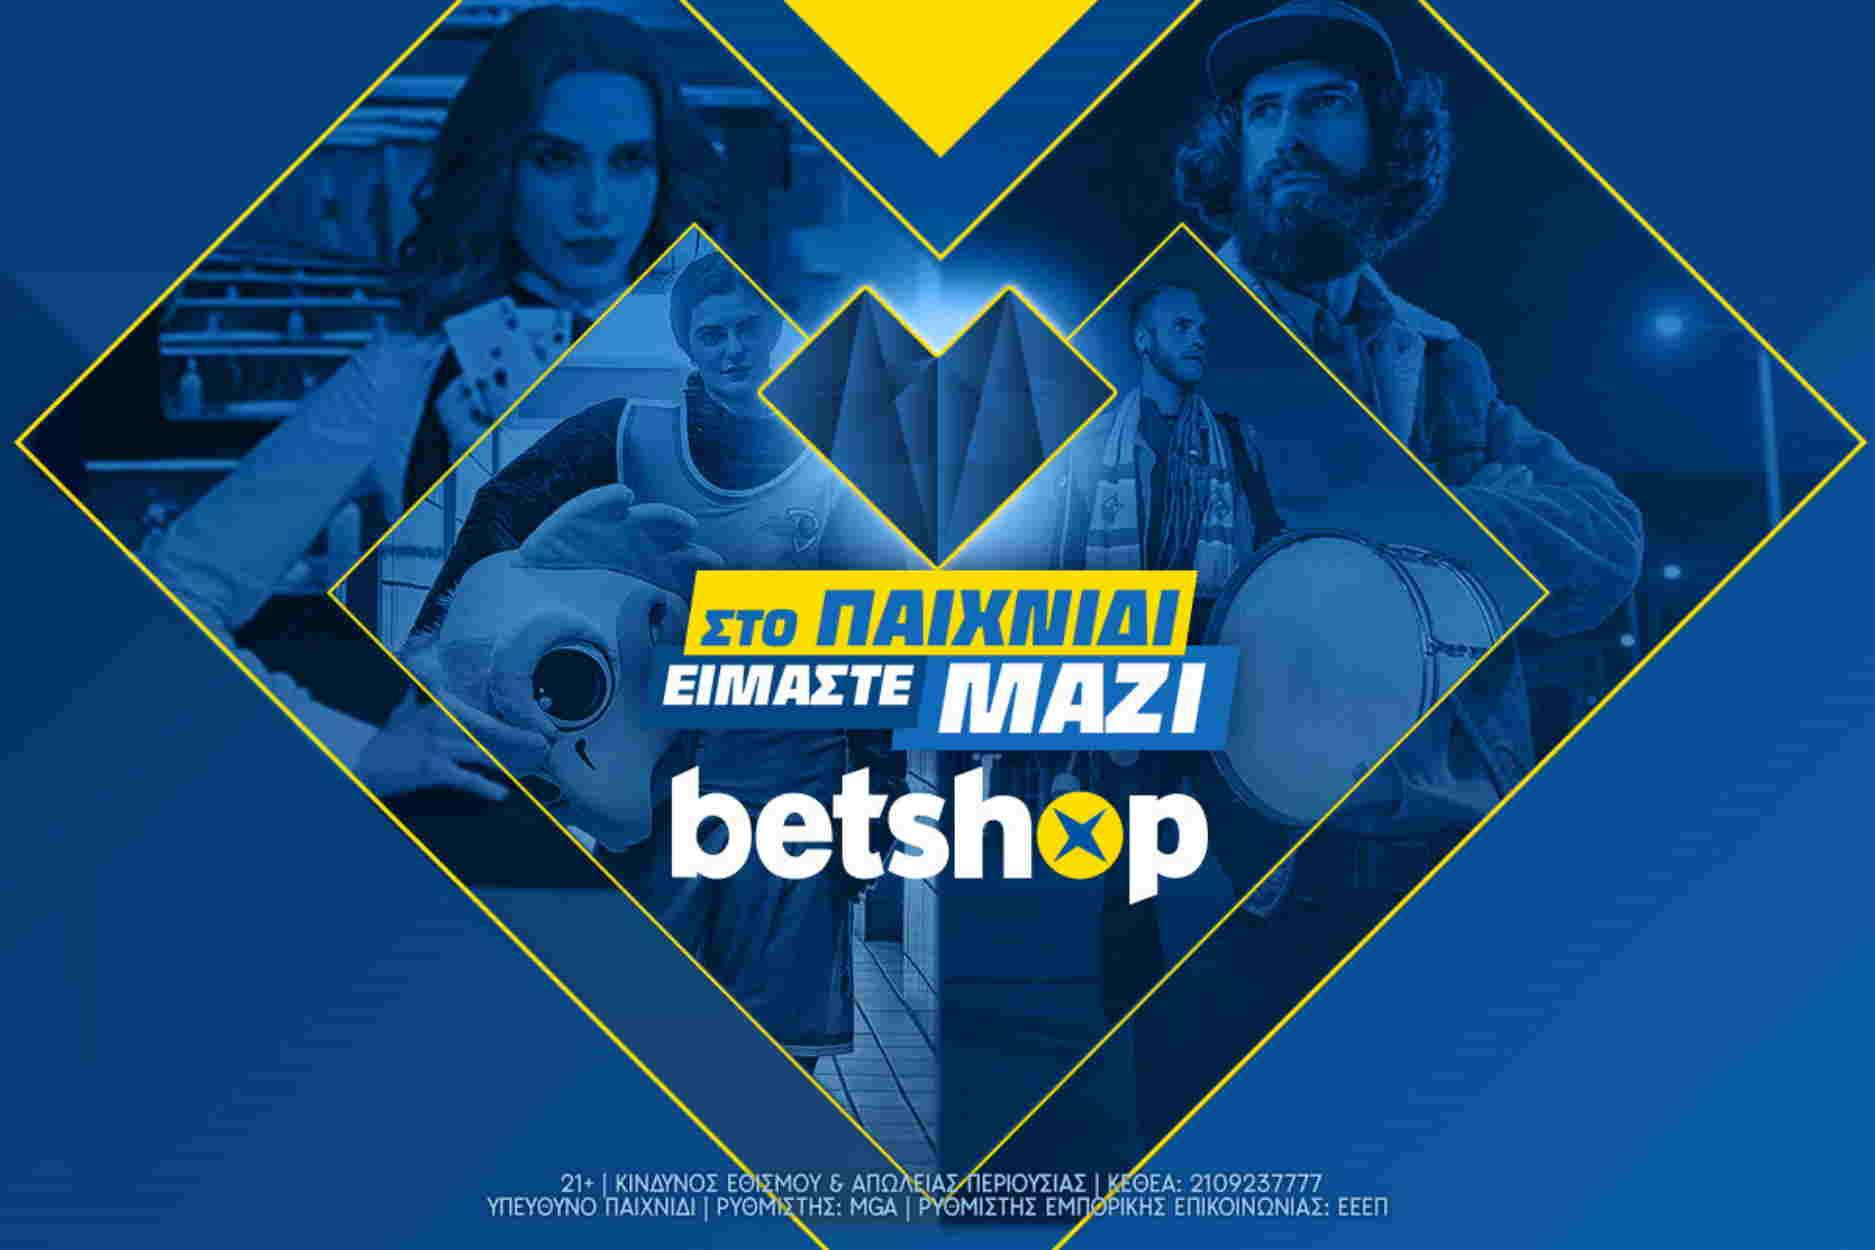 «Στο παιχνίδι, είμαστε μαζί!» – Η νέα καμπάνια του Betshop.gr με κεντρική ιδέα την αγάπη για το παιχνίδι